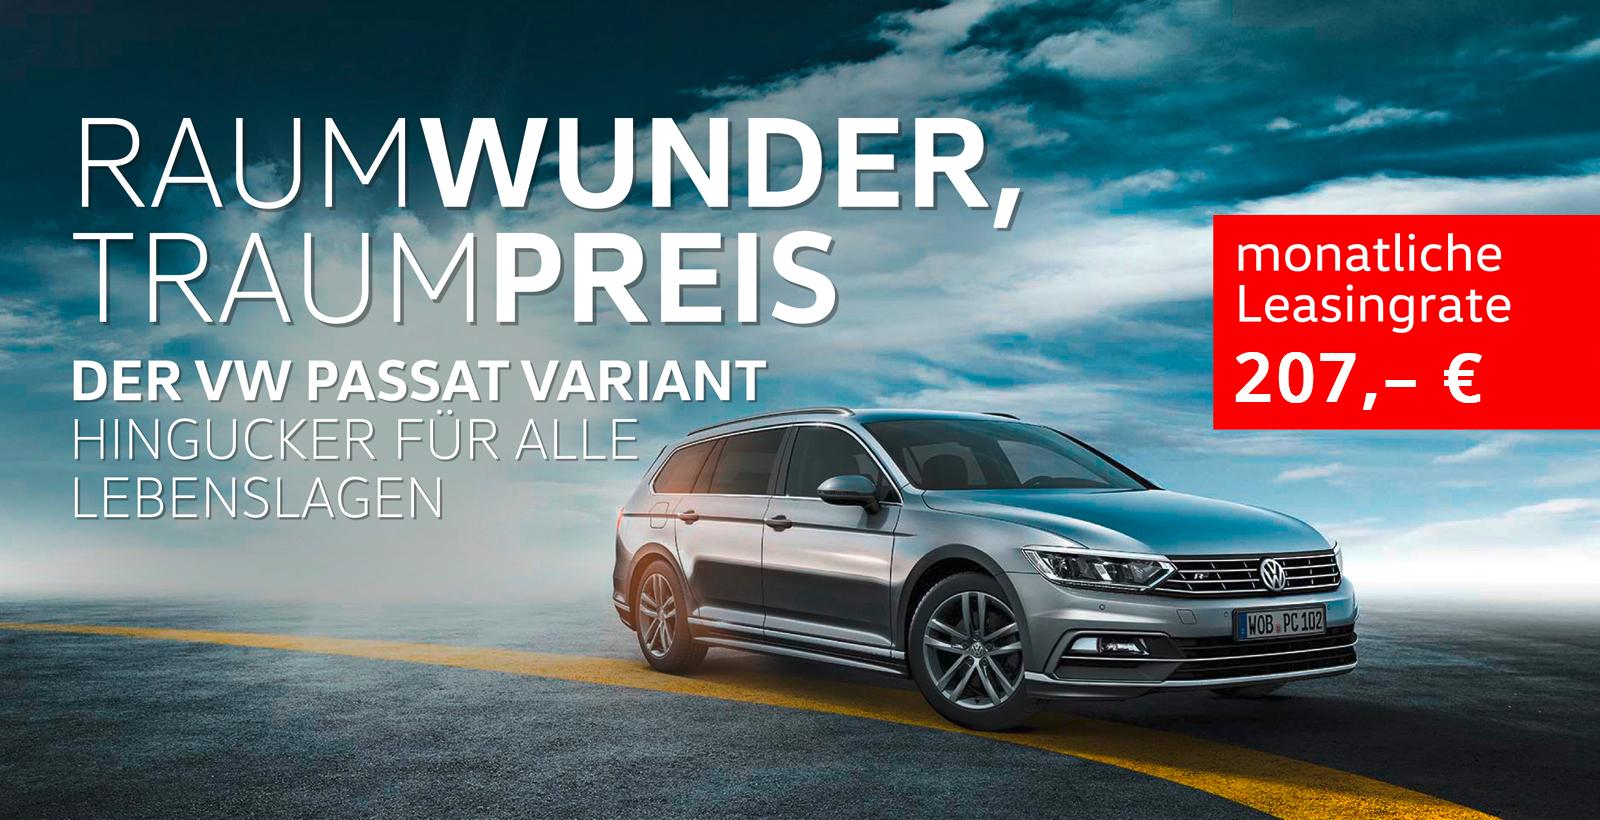 VW Passat Varinat 2.0 TDI DSG Leasing 0,14% 36 Monate ohne Anzahlung 10TKM pro Jahr für 230 € inkl. MwSt. monatlich